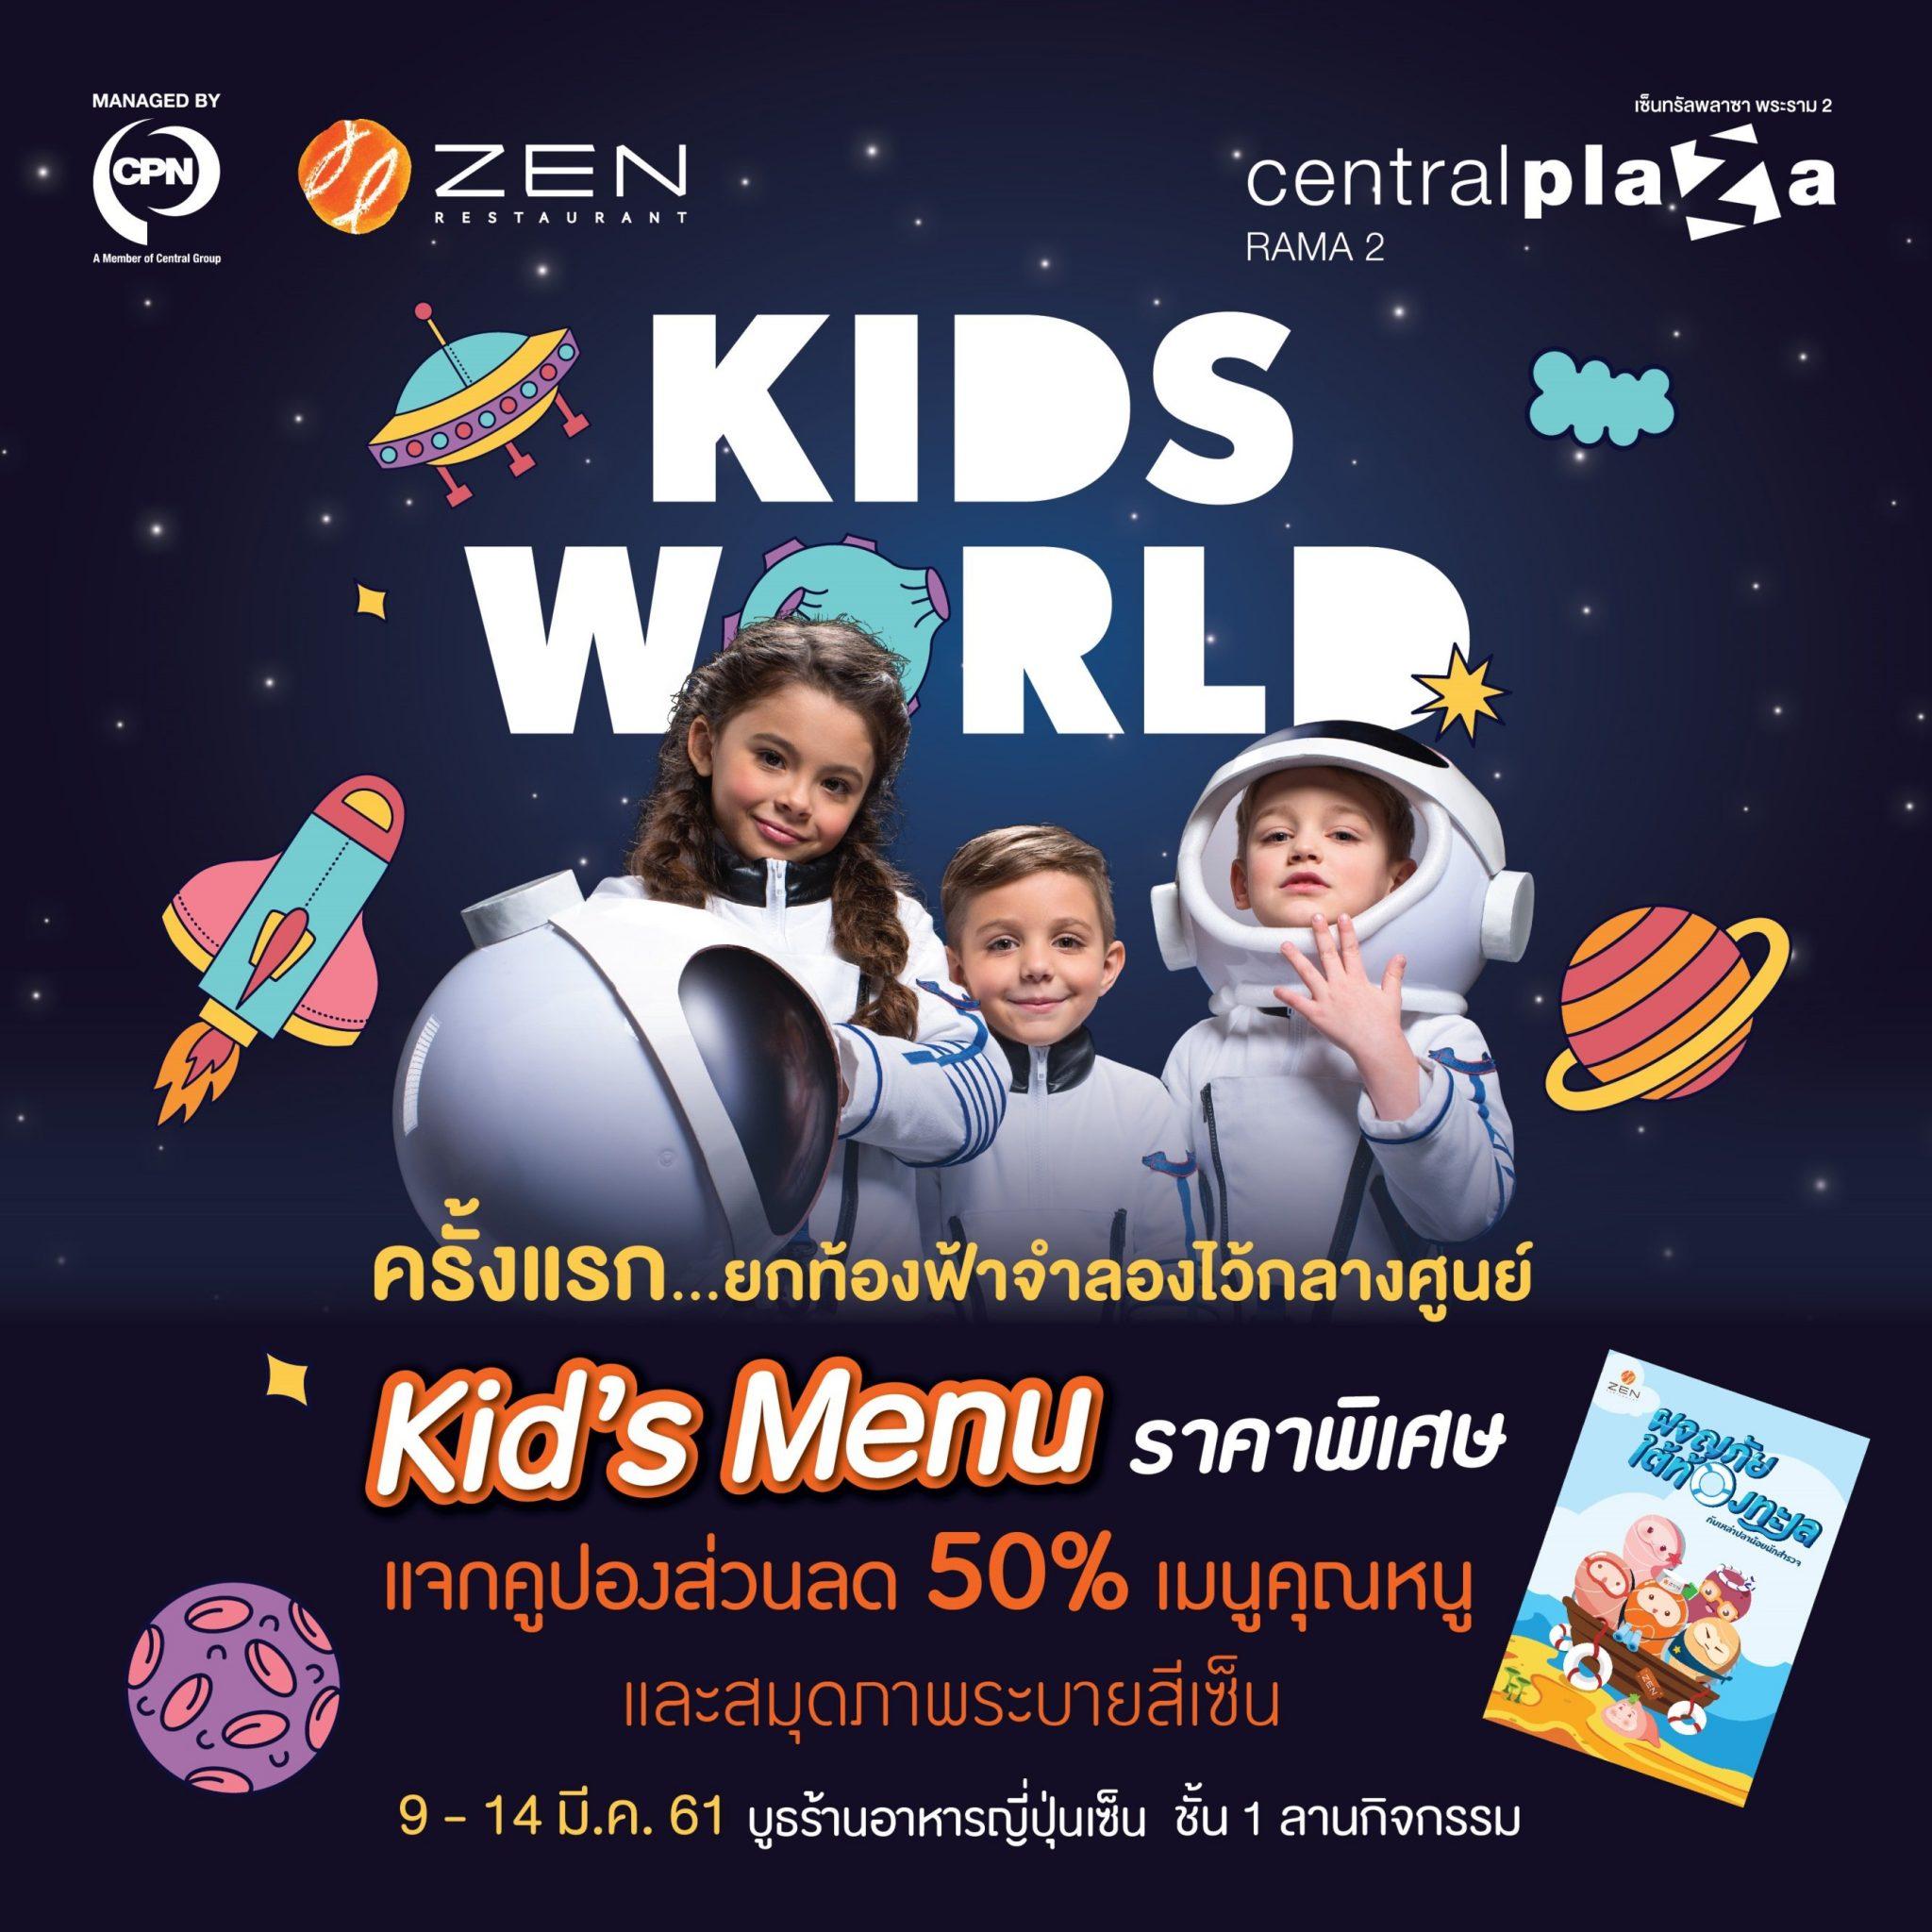 ร้านอาหารญี่ปุ่นเซ็น ชวนน้องๆ ร่วมสนุกและอิ่มอร่อยกับกิจกรรมและโปรโมชั่นสุดพิเศษในบูธกิจกรรมงาน Kids World ณ ศูนย์การค้าเซ็นทรัลพลาซา พระราม 2 13 -